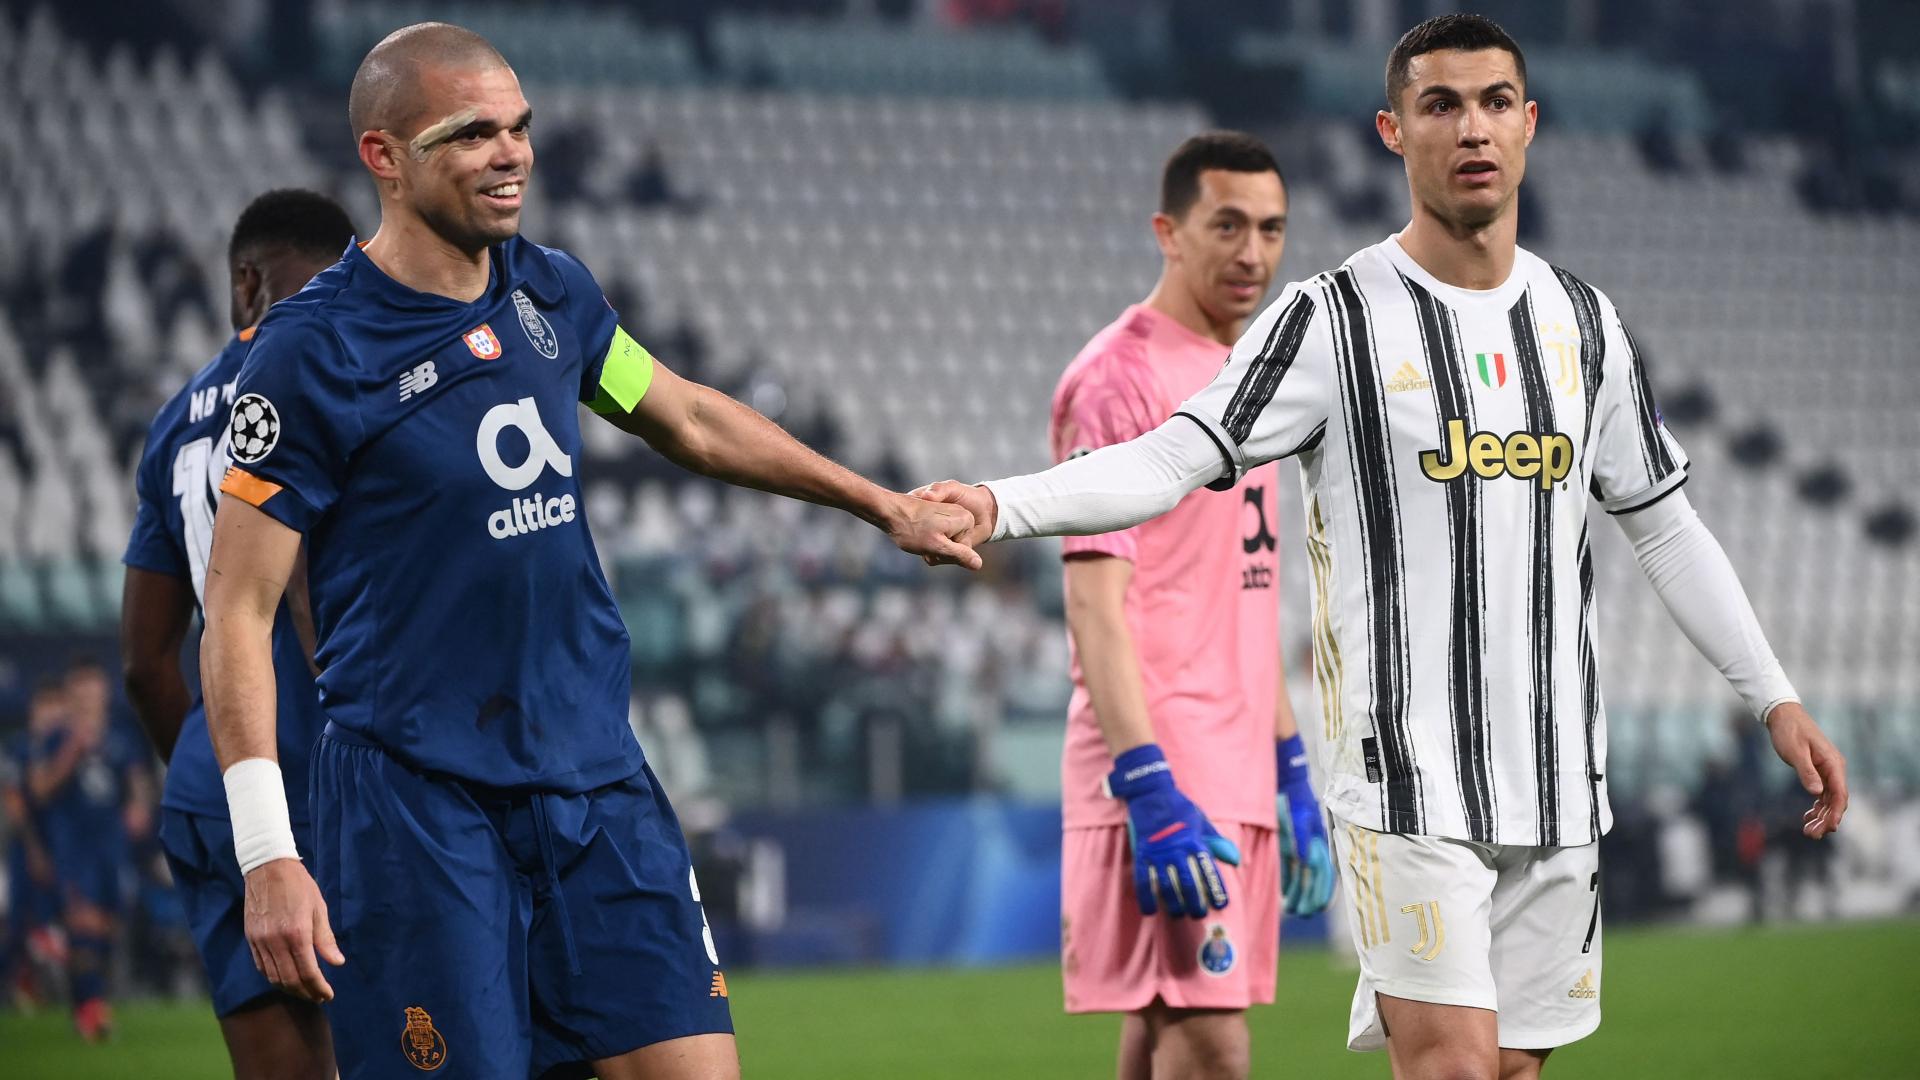 """Juventus-Porto, Cristiano Ronaldo a Pepe: """"Resta in campo, vincerò io"""""""